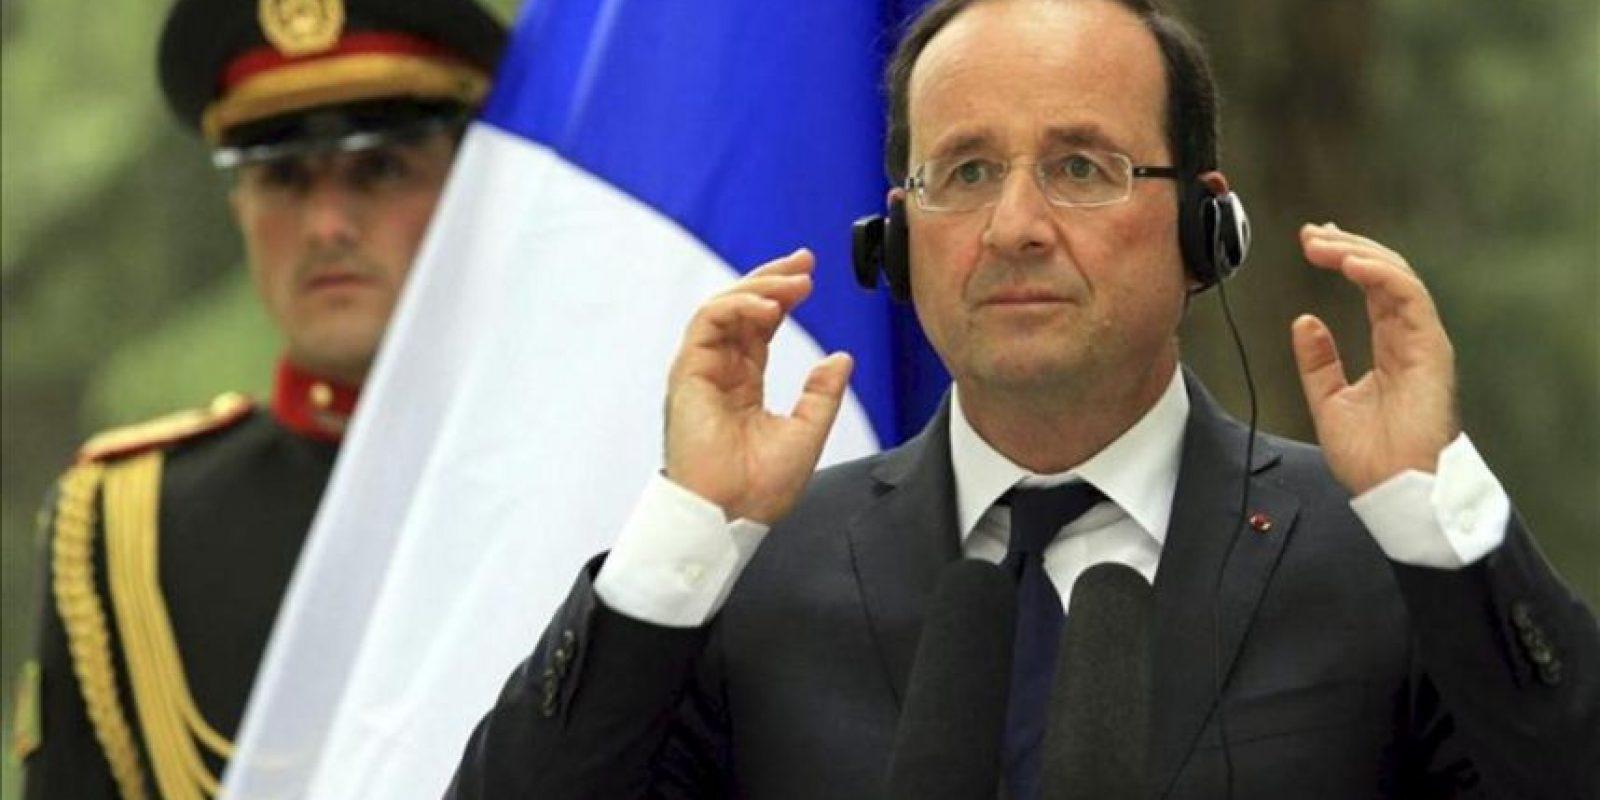 El presidente francés, François Hollande, ofrece una rueda de prensa con su homólogo afgano, Hamid Karzai, hoy viernes 25 de mayo en Kabul, Afganistán. EFE